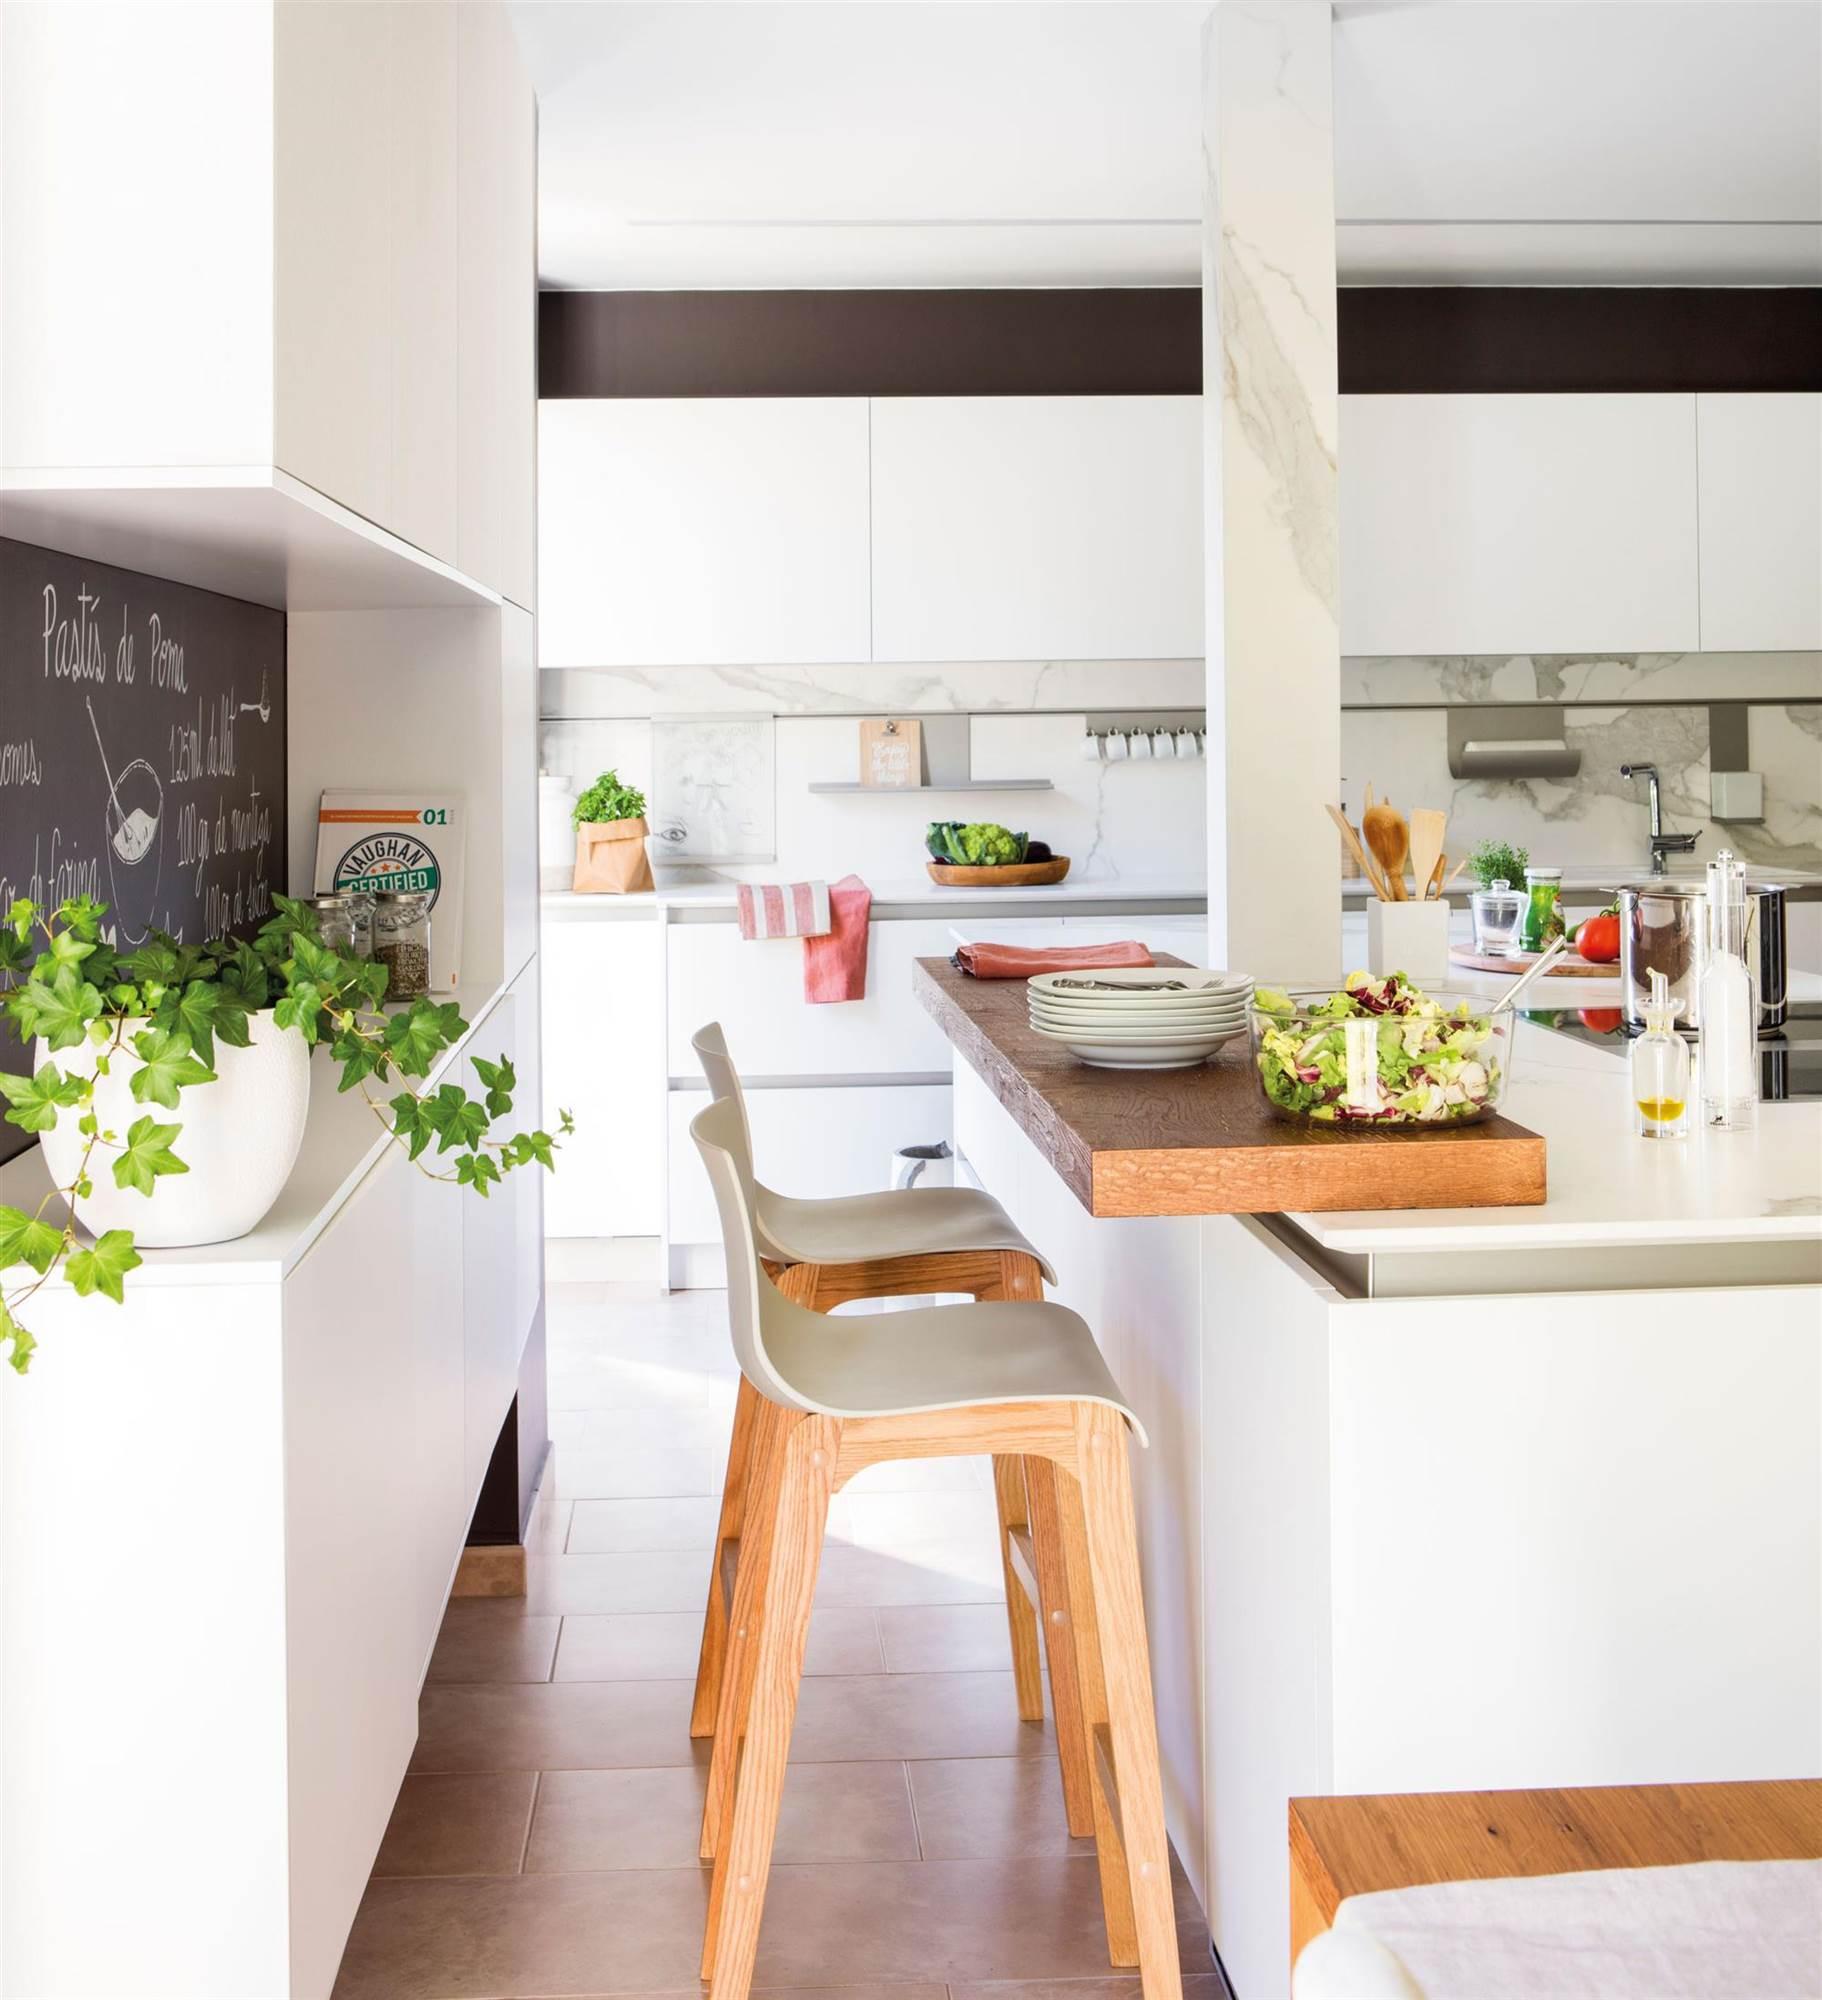 236 Fotos de Cocinas con isla